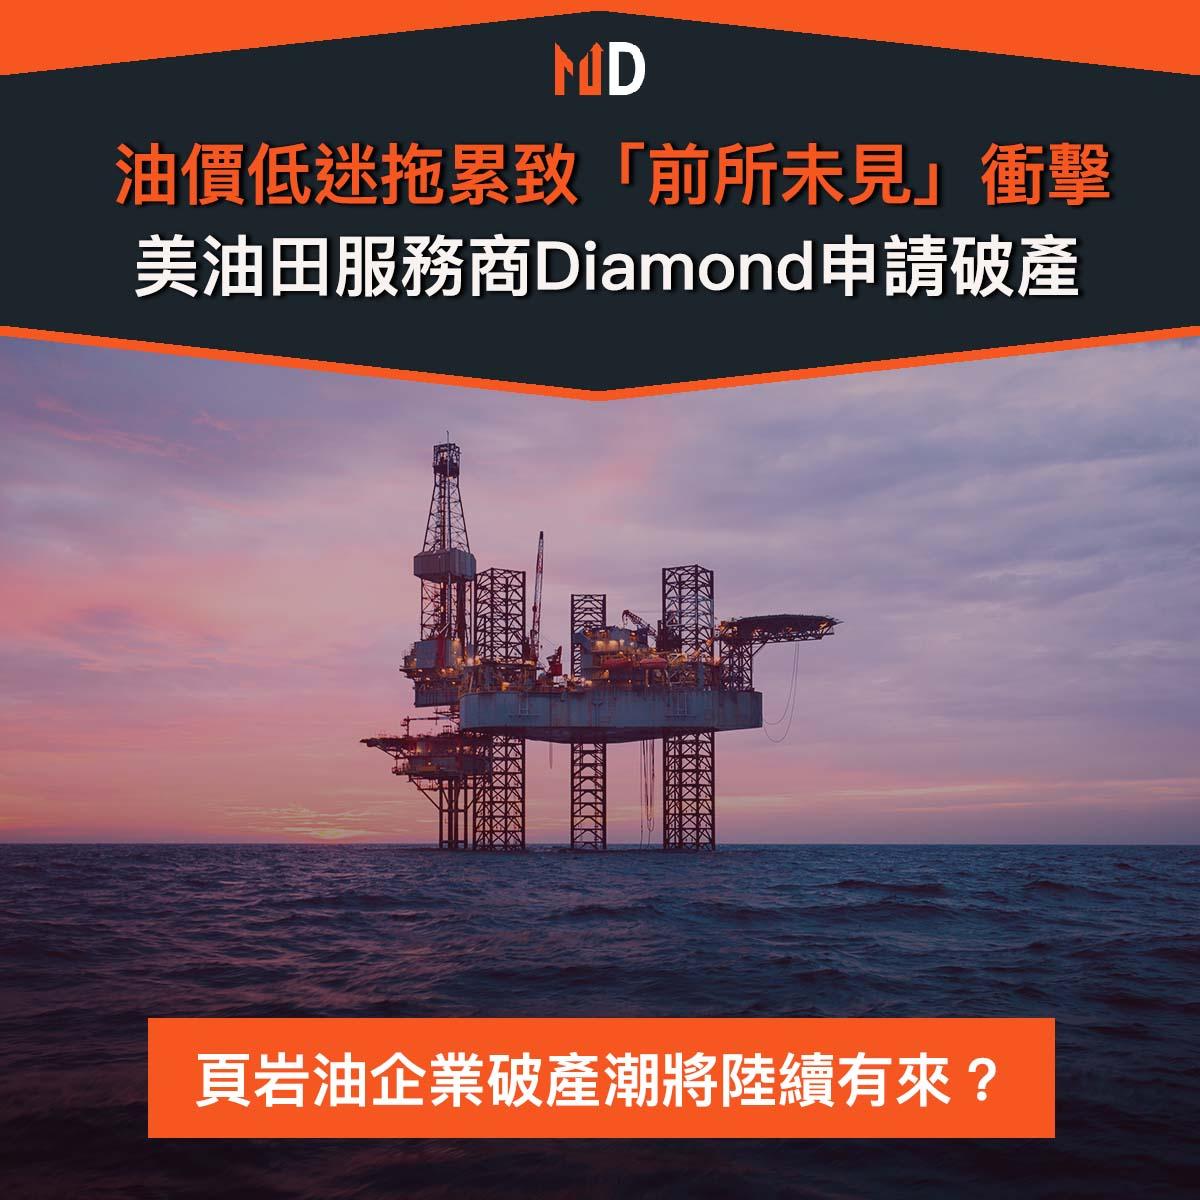 【#市場熱話】油價低迷拖累致「前所未見」衝擊,美油田服務商Diamond申請破產